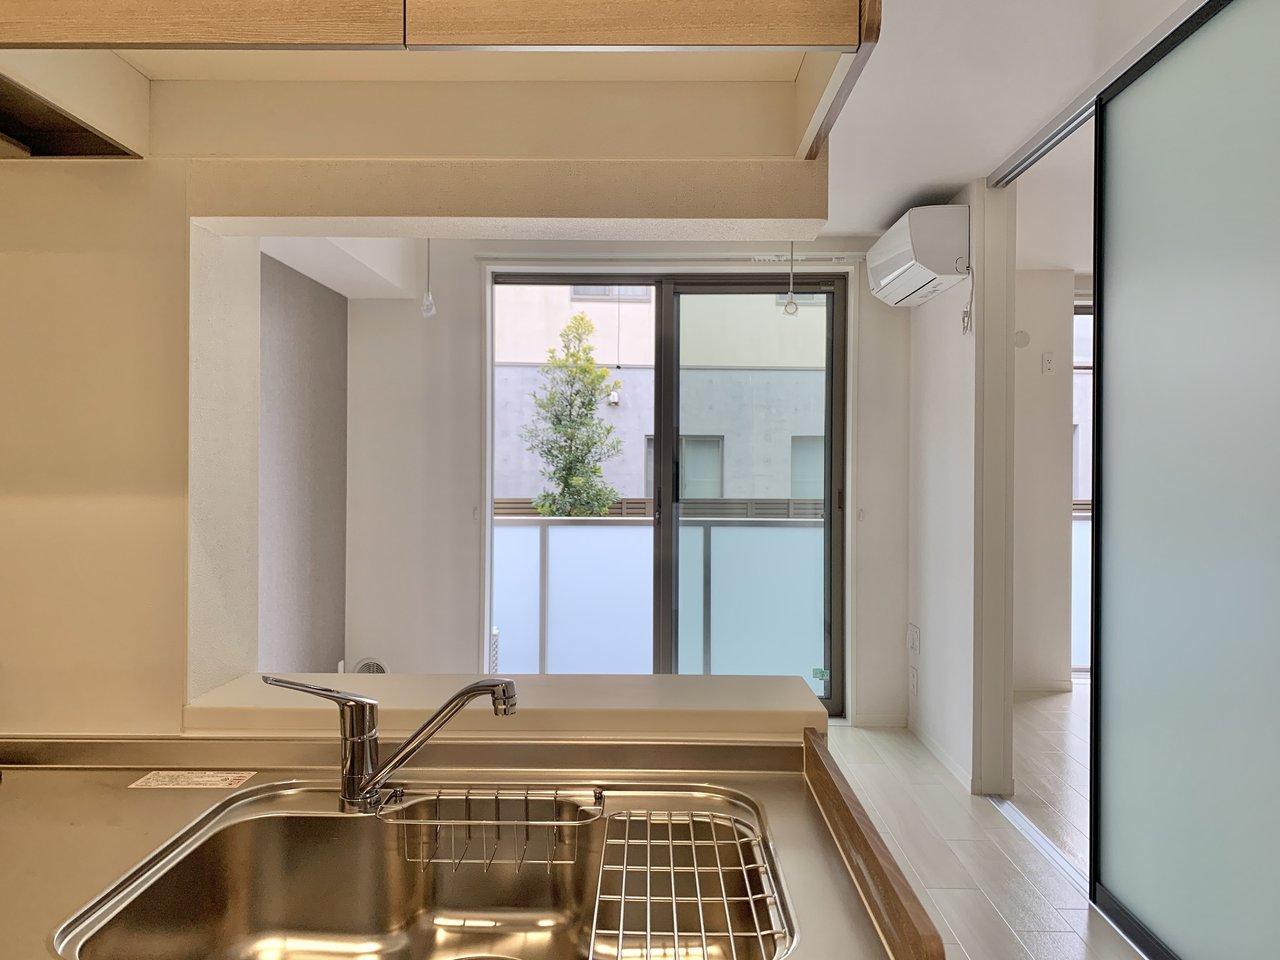 キッチンに立って洗い物をしながら、通り抜ける江ノ電を眺めて。少し早起きしたら朝から長谷寺へ。ここではそんな暮らしができそうです。